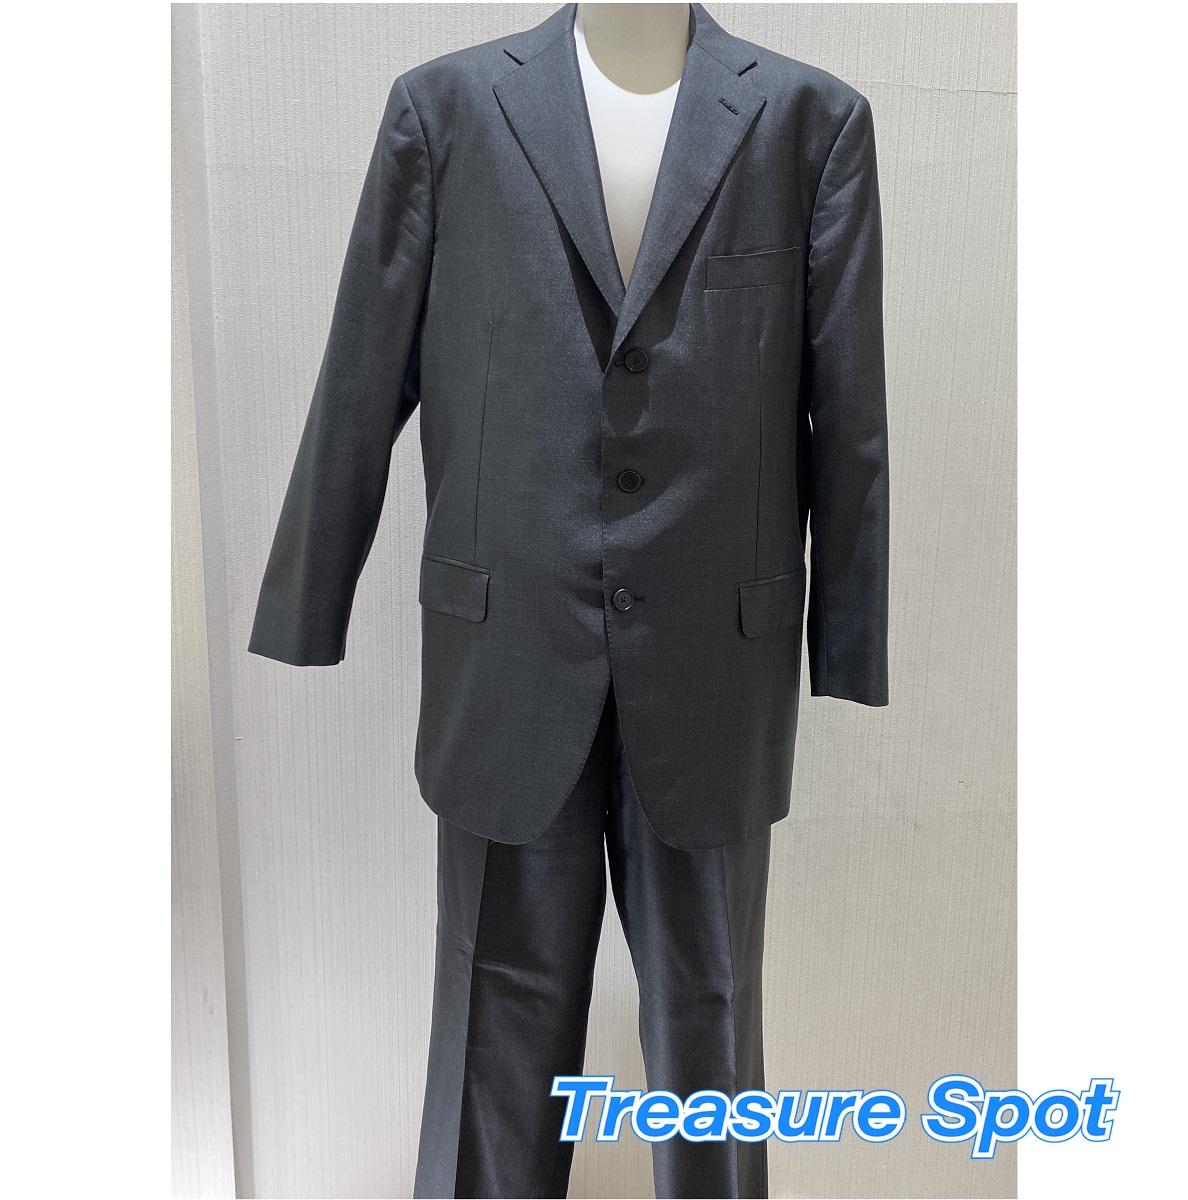 Belvest ベルベスト スーツ #54 XL グレー ウール シルク ジャケット パンツ 【トレジャースポット】【中古】